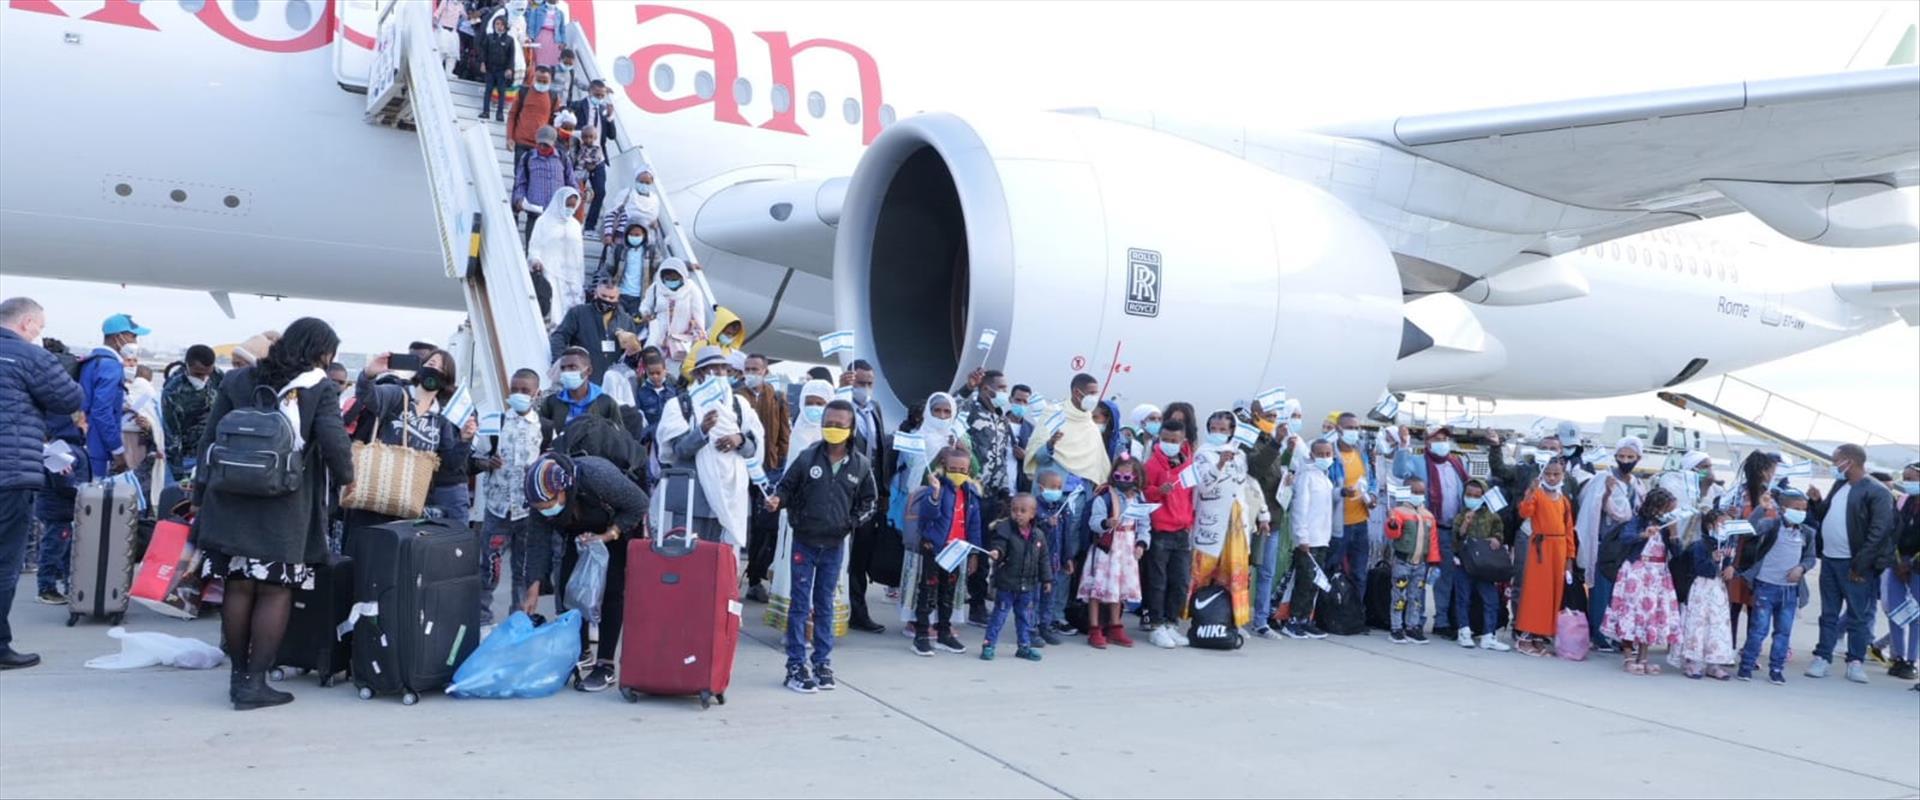 עולים מאתיופיה עם הנחיתה בישראל, 12.02.21